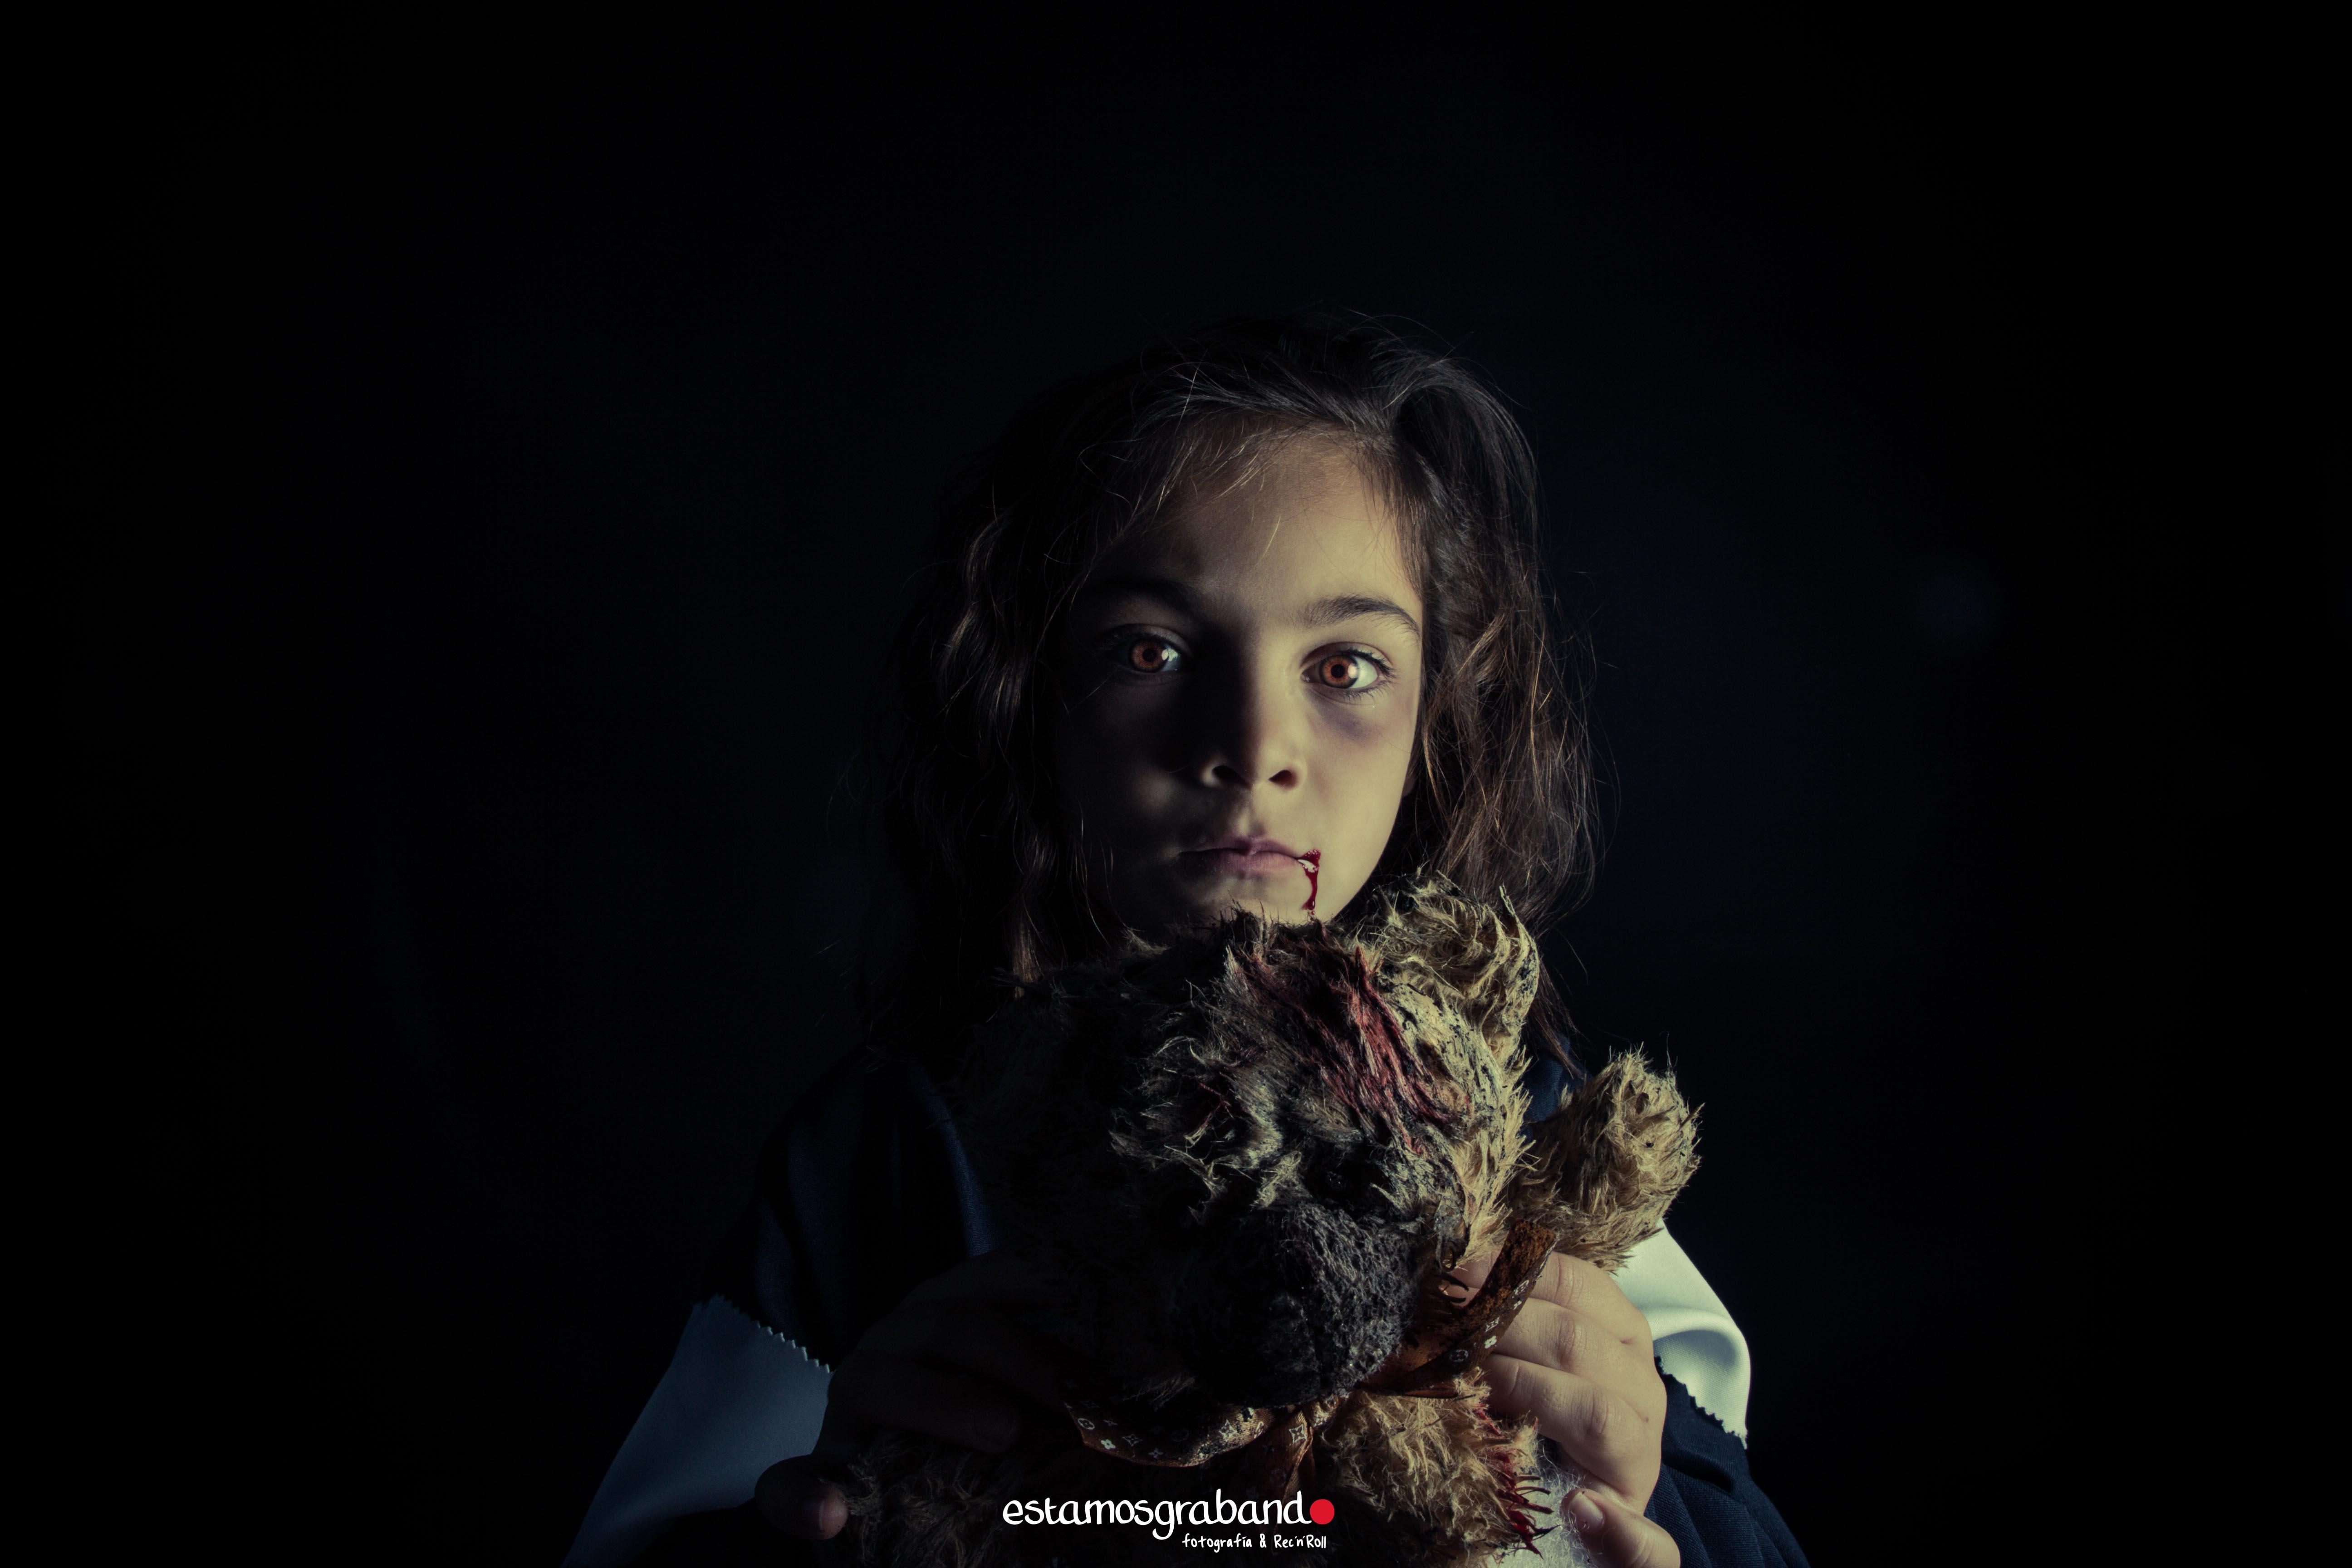 Halloween_estamosgrabando-5 Sesiones Terroríficas Volumen I_Fotografía Halloween - video boda cadiz